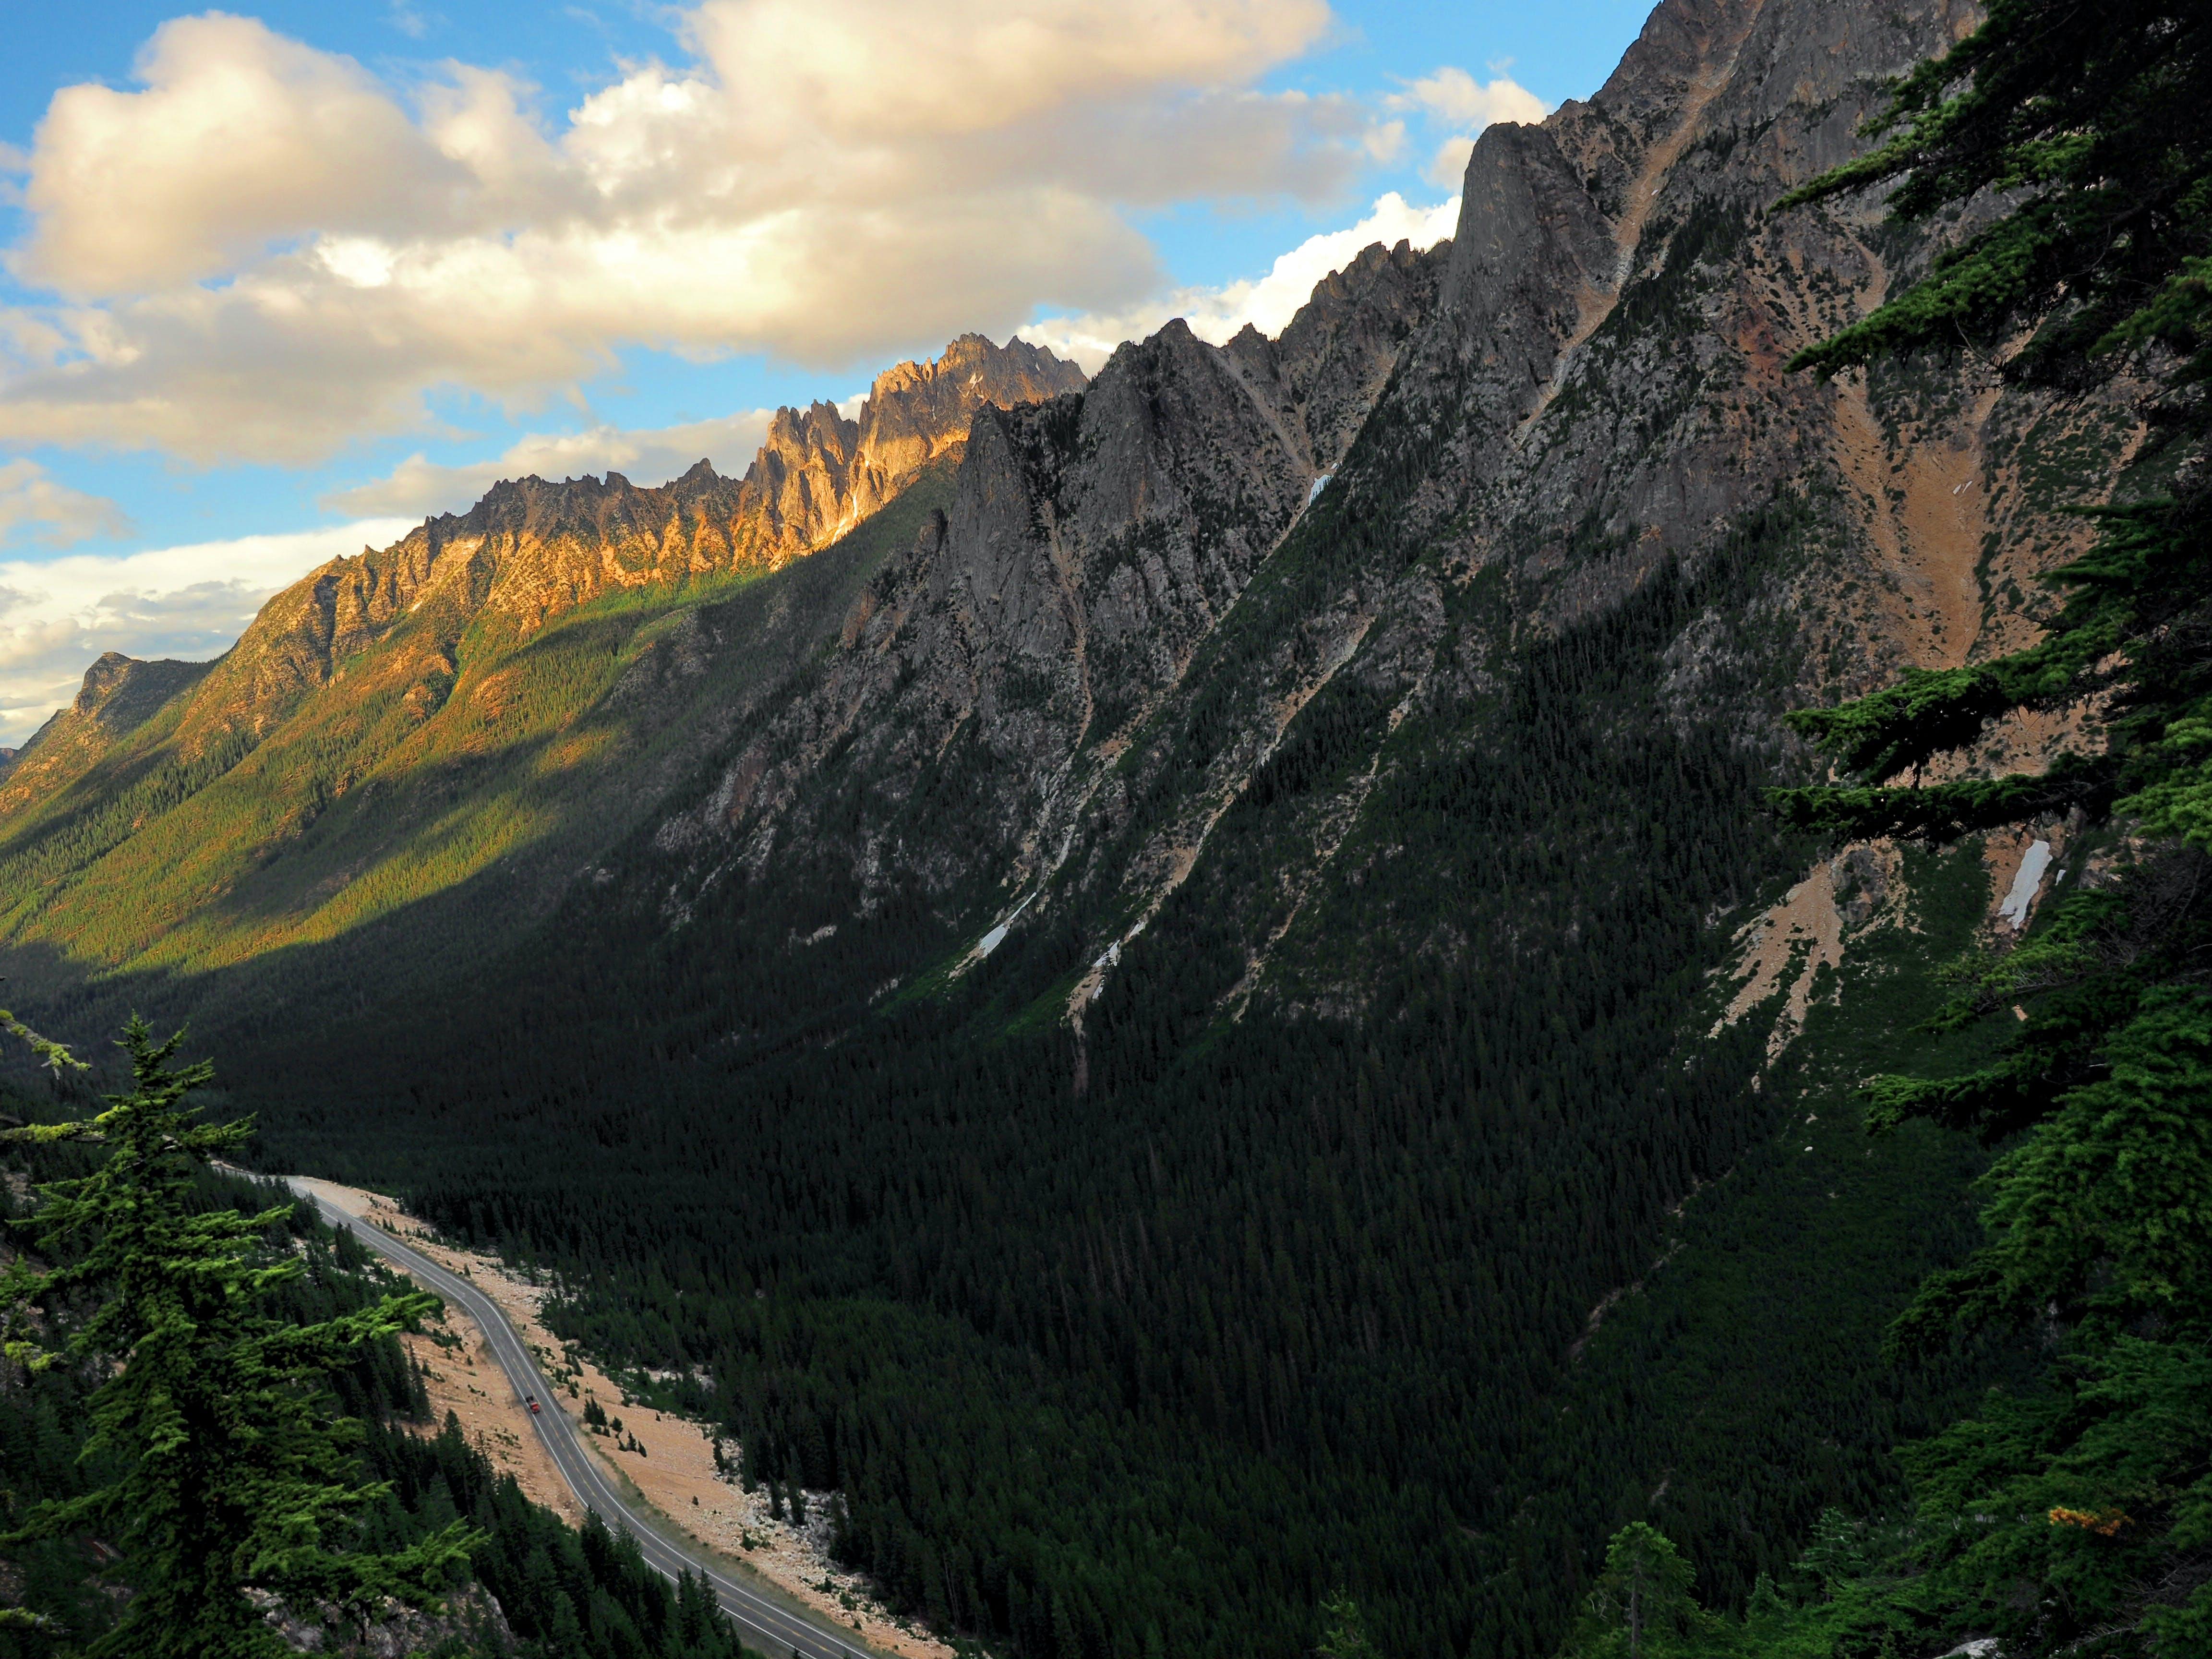 Photos gratuites de montagne rocheuse, montagnes, nature, paysage